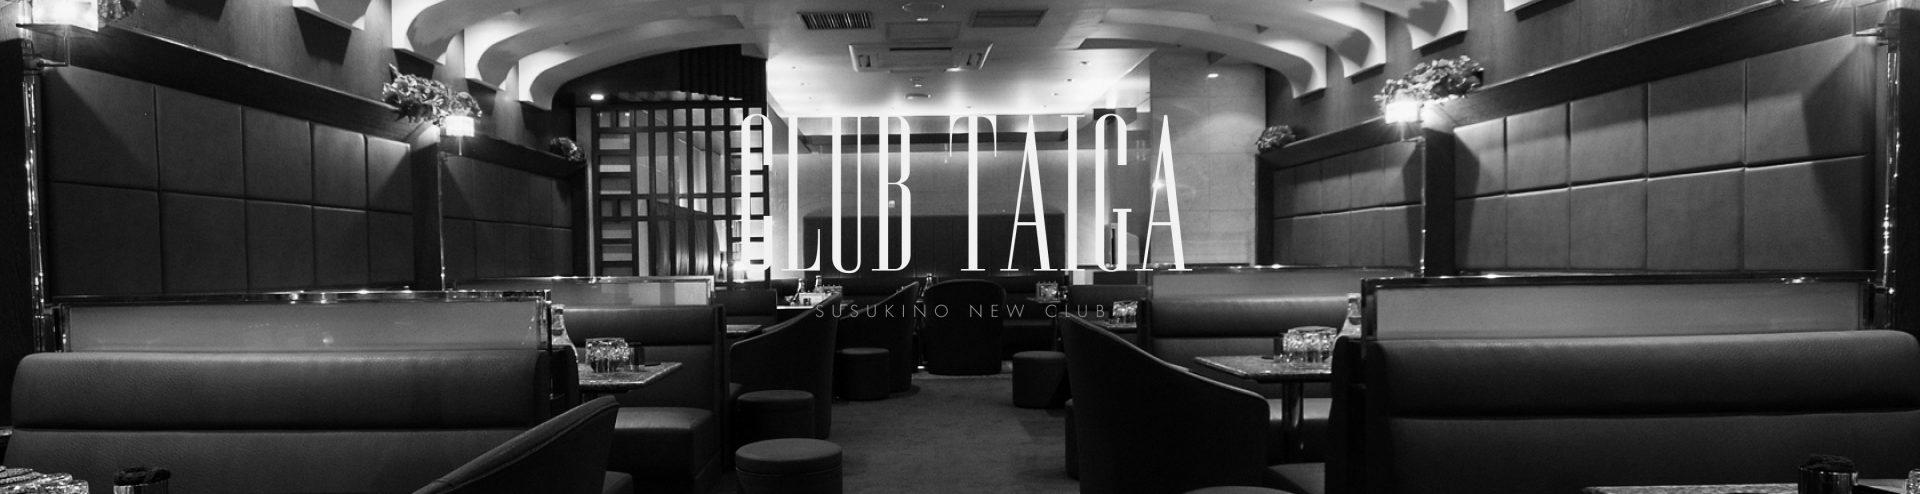 CLUBTAIGA すすきの ニュークラブ